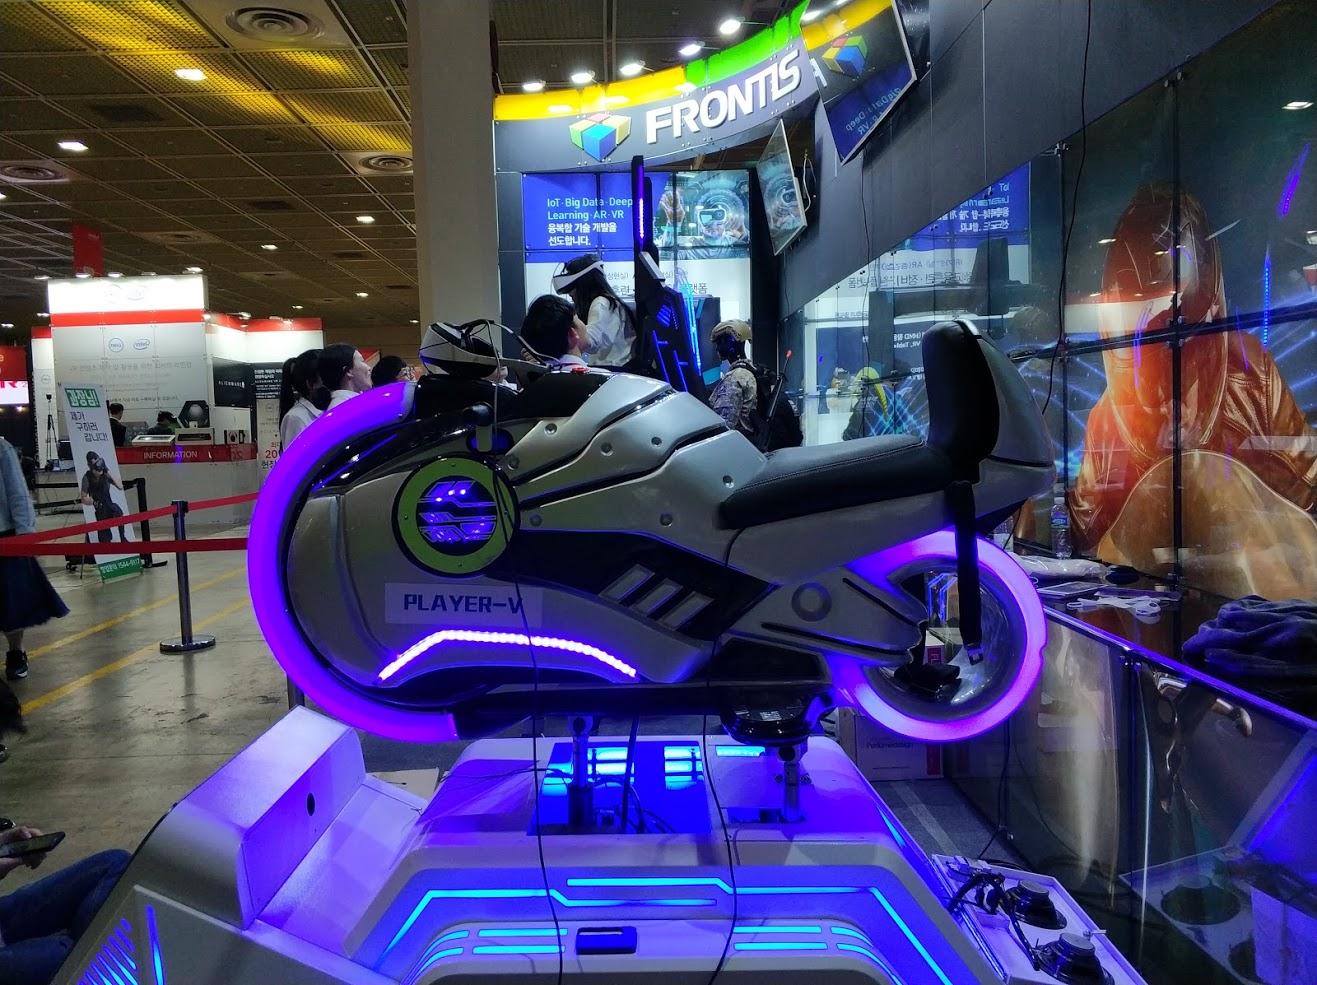 서울 VR AR 엑스포 2018에 다녀왔습니다